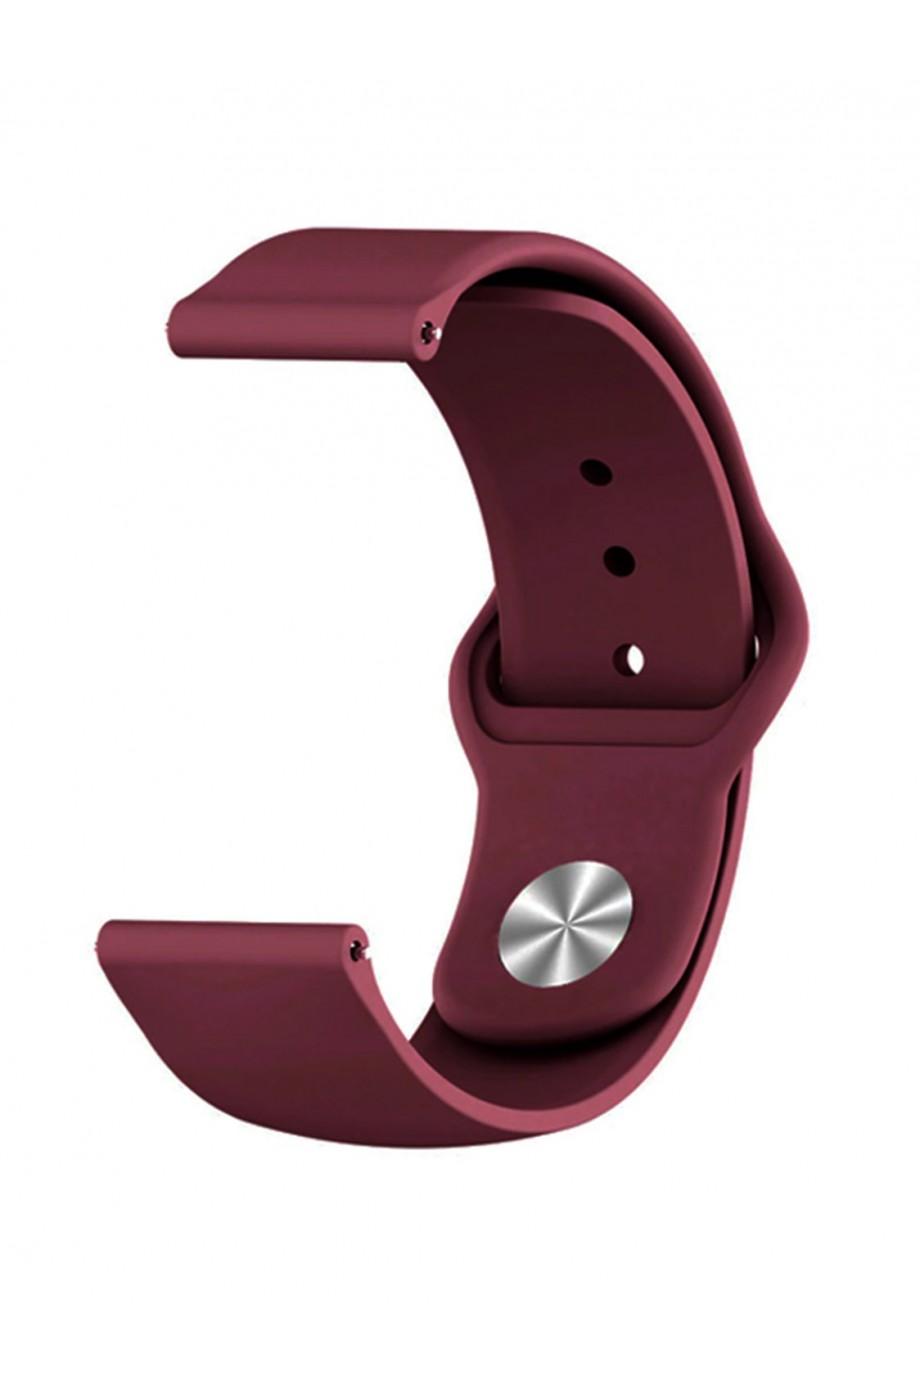 Силиконовый ремешок для Amazfit Pace, 22 мм, застежка pin-and-tuck, вишневый, mz-05